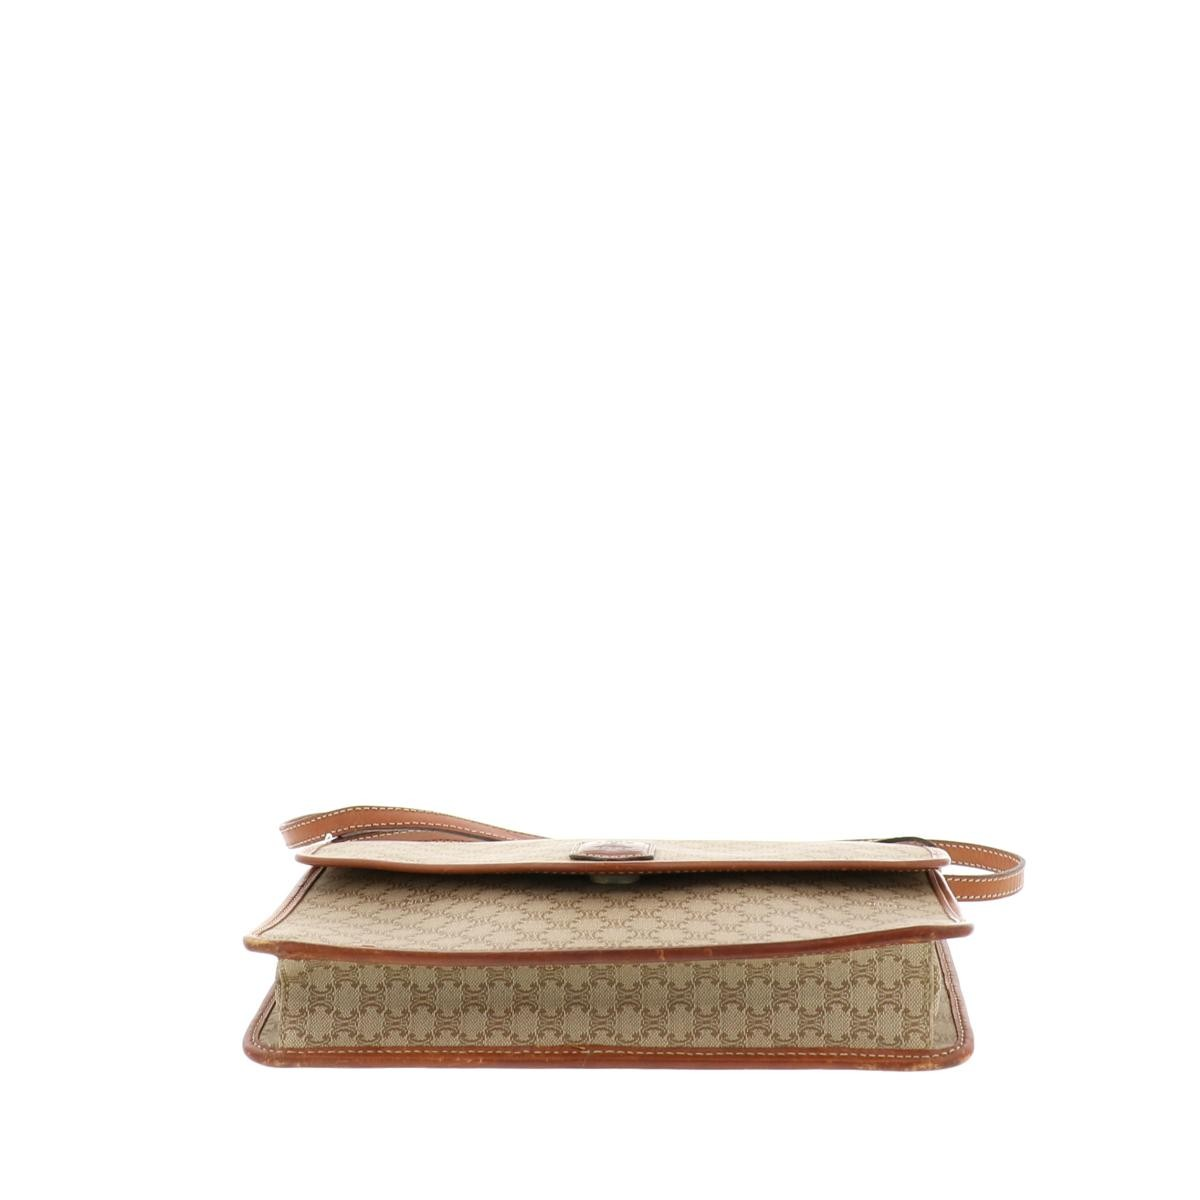 【中古】セリーヌ マカダム ショルダーバッグ ベージュ CELINE Macadam Shoulder Bag Beige